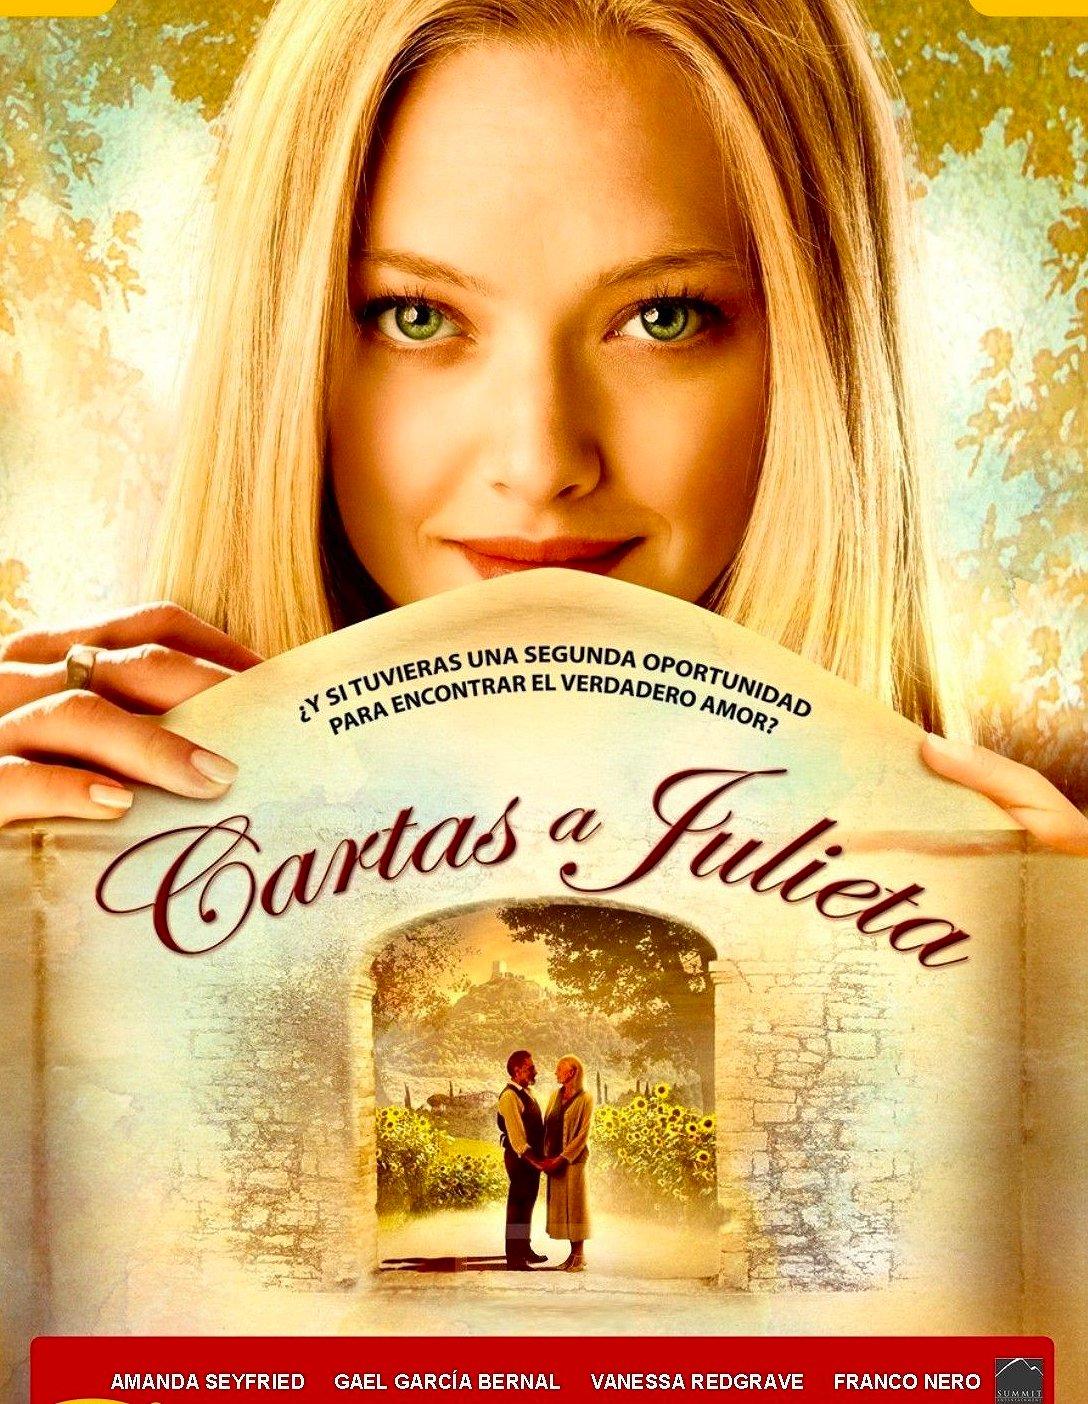 http://4.bp.blogspot.com/_dSKEu-ZhBD0/TSX9X0uSItI/AAAAAAAAARw/7Vuqu5DtPgI/s1600/Cartas+A+Julieta_VCD.jpg